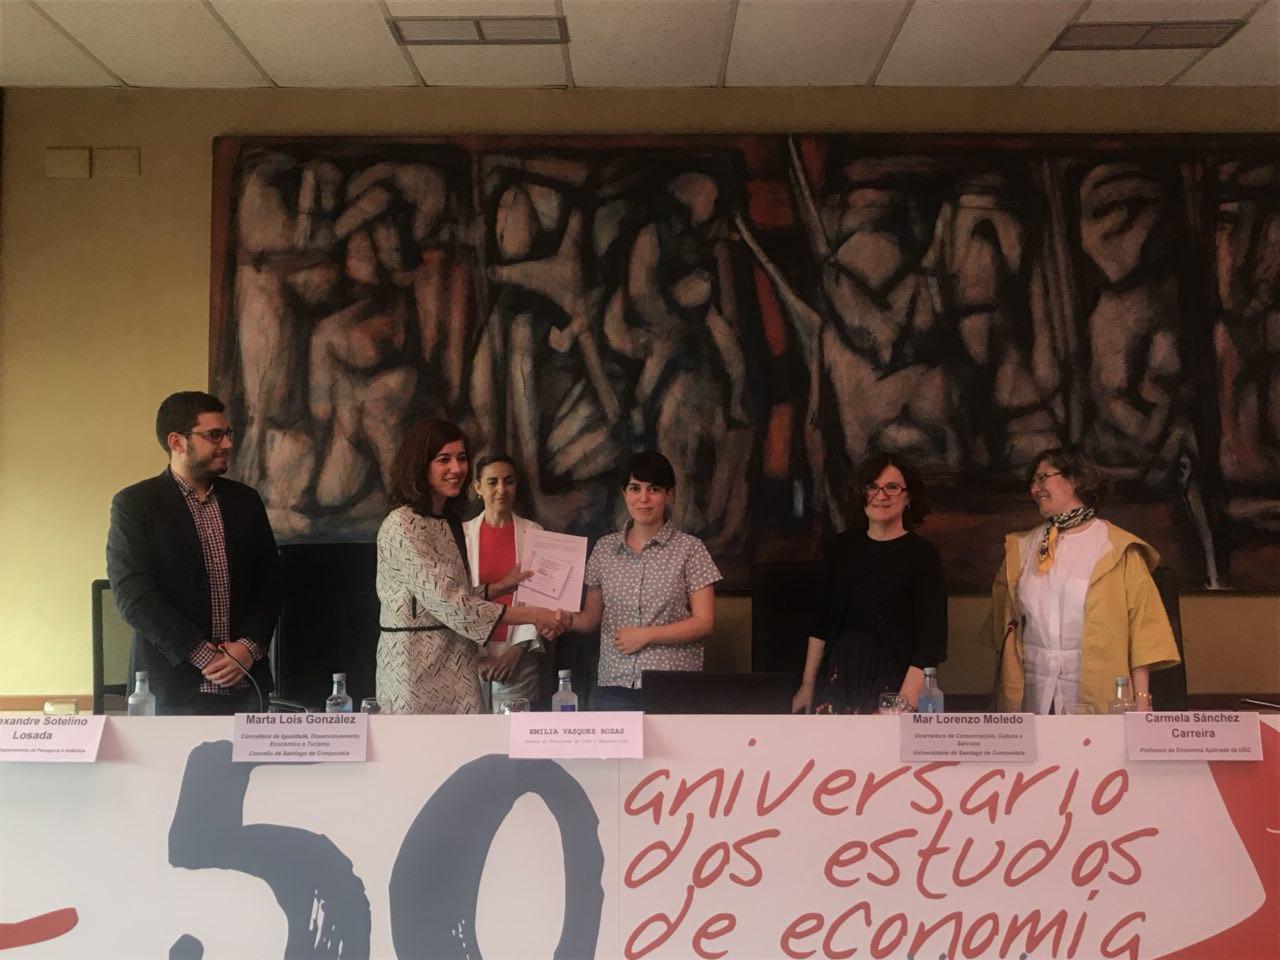 Belén Rodríguez en representación do alumnado participante, failleentrega dos traballos realizados á Marta Lois